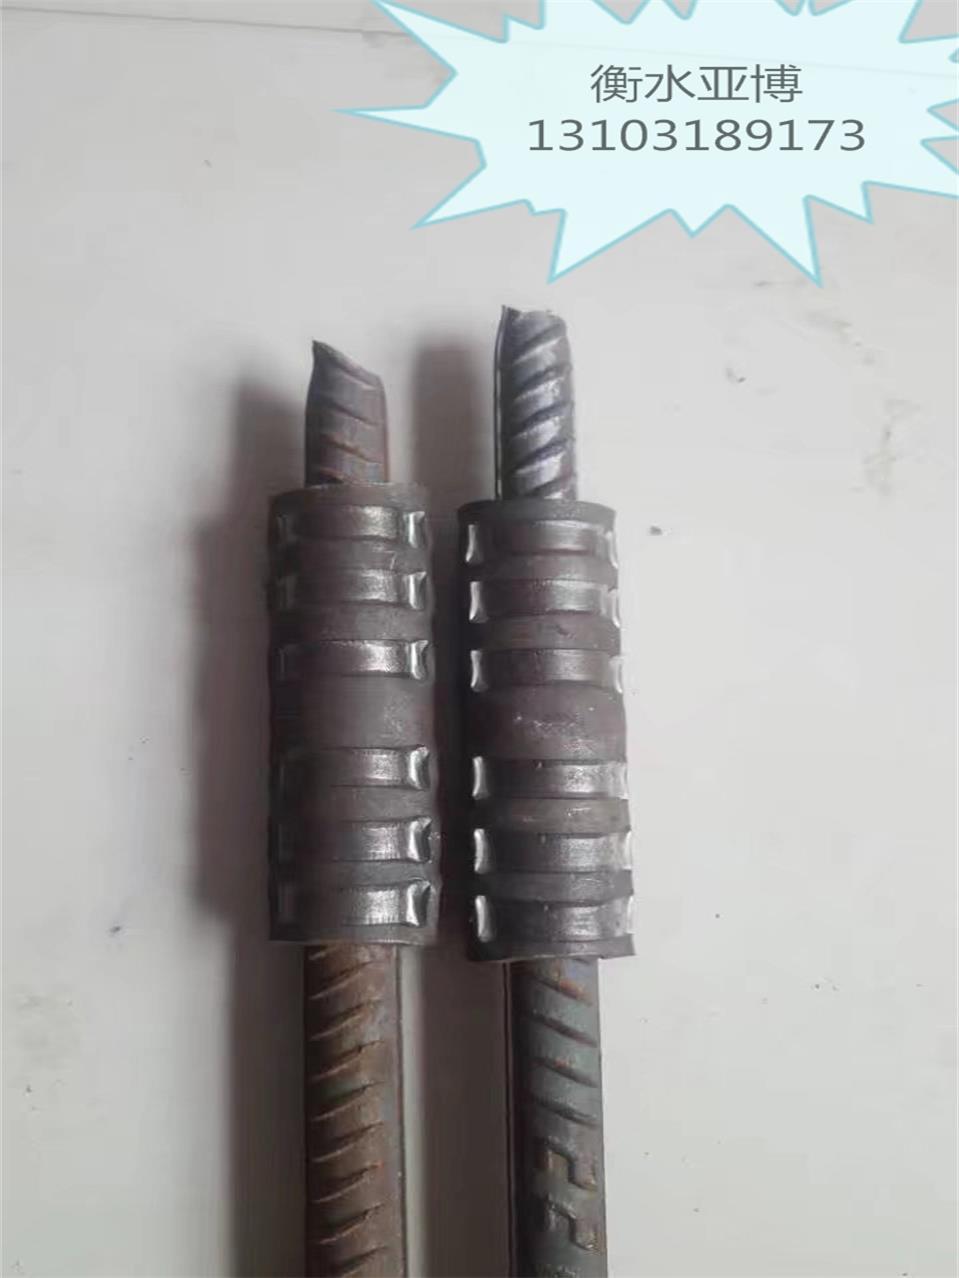 冷挤压钢筋连接套筒冷挤压机/河北亚博厂家供货冷挤压套筒冷挤压机模具